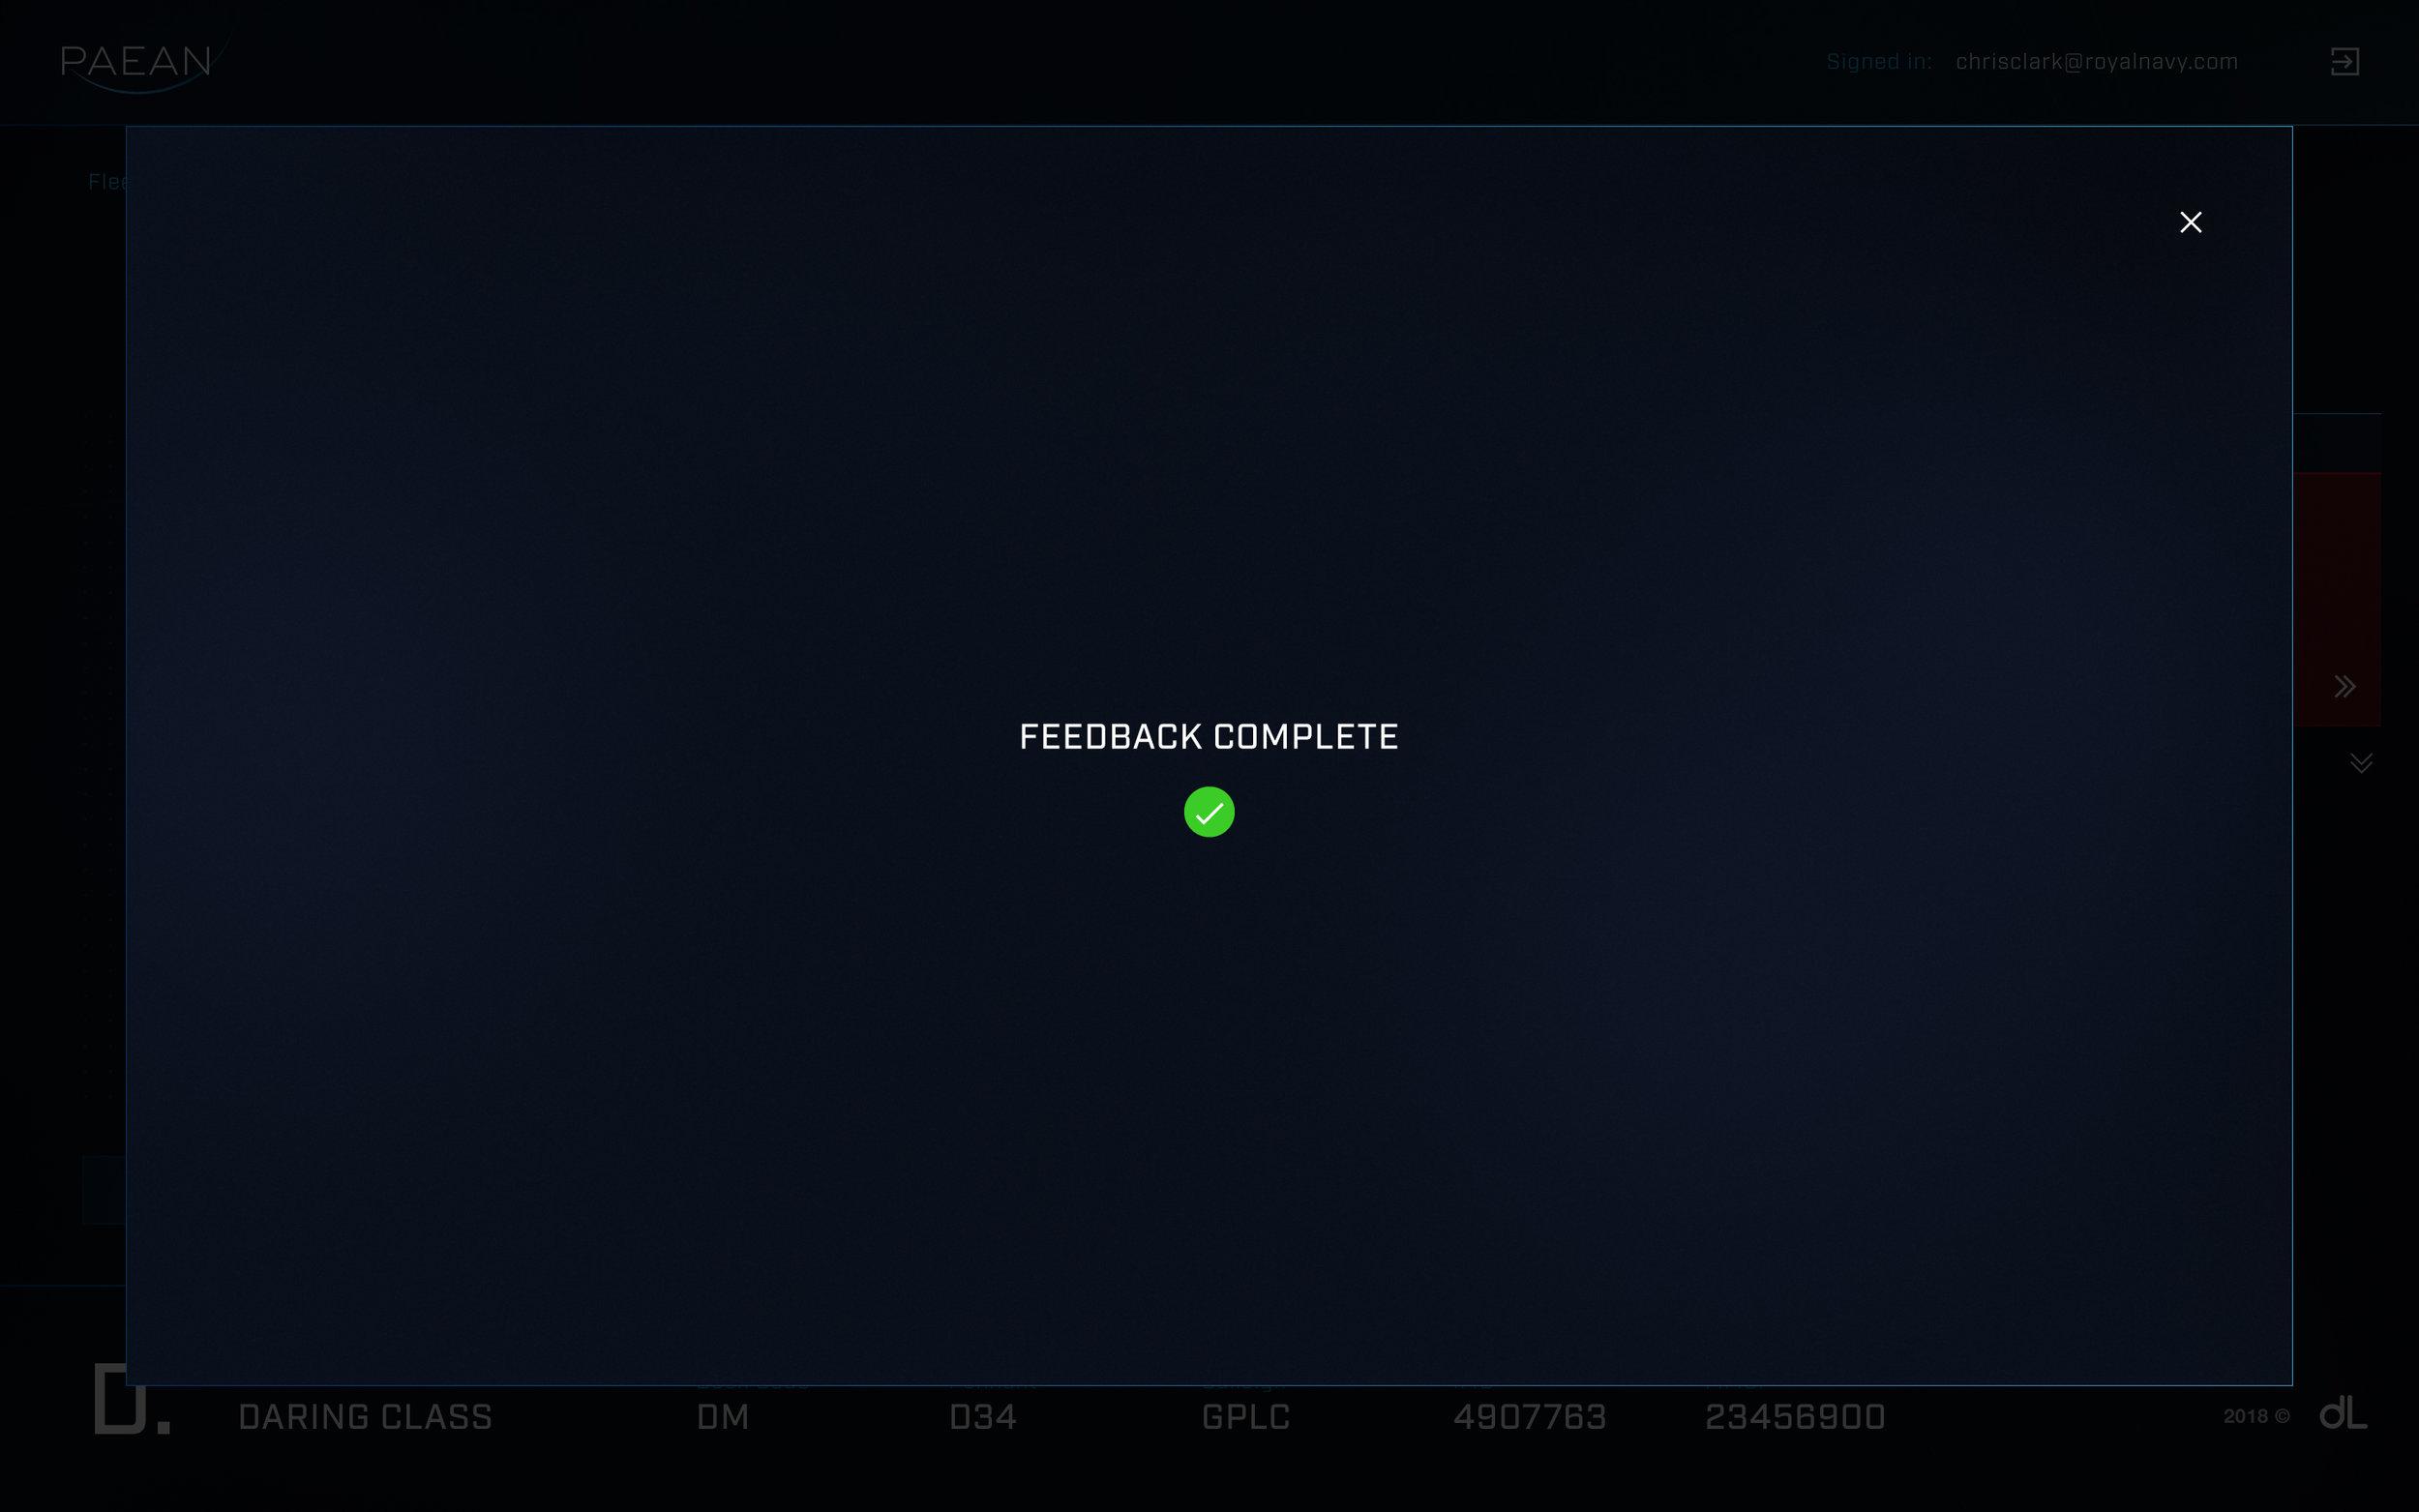 PEAEN_Feedback_Complete.jpg